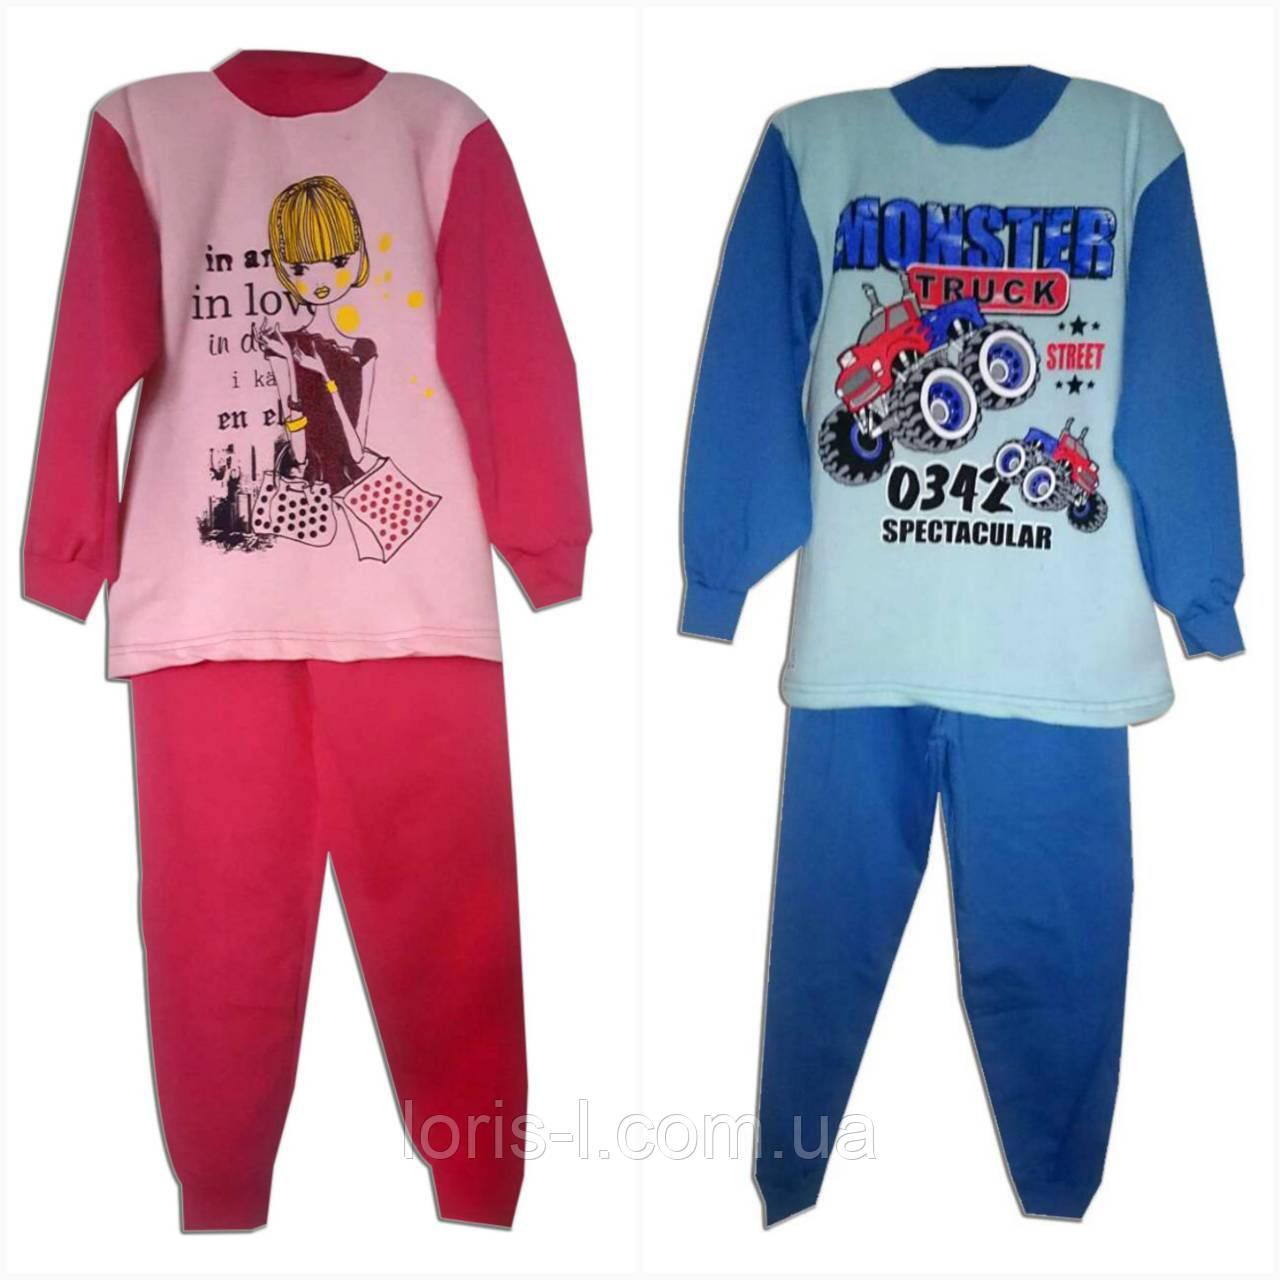 88fcbb05d61a Байковые детские пижамы - Интернет-магазин одежды для Всей семьи